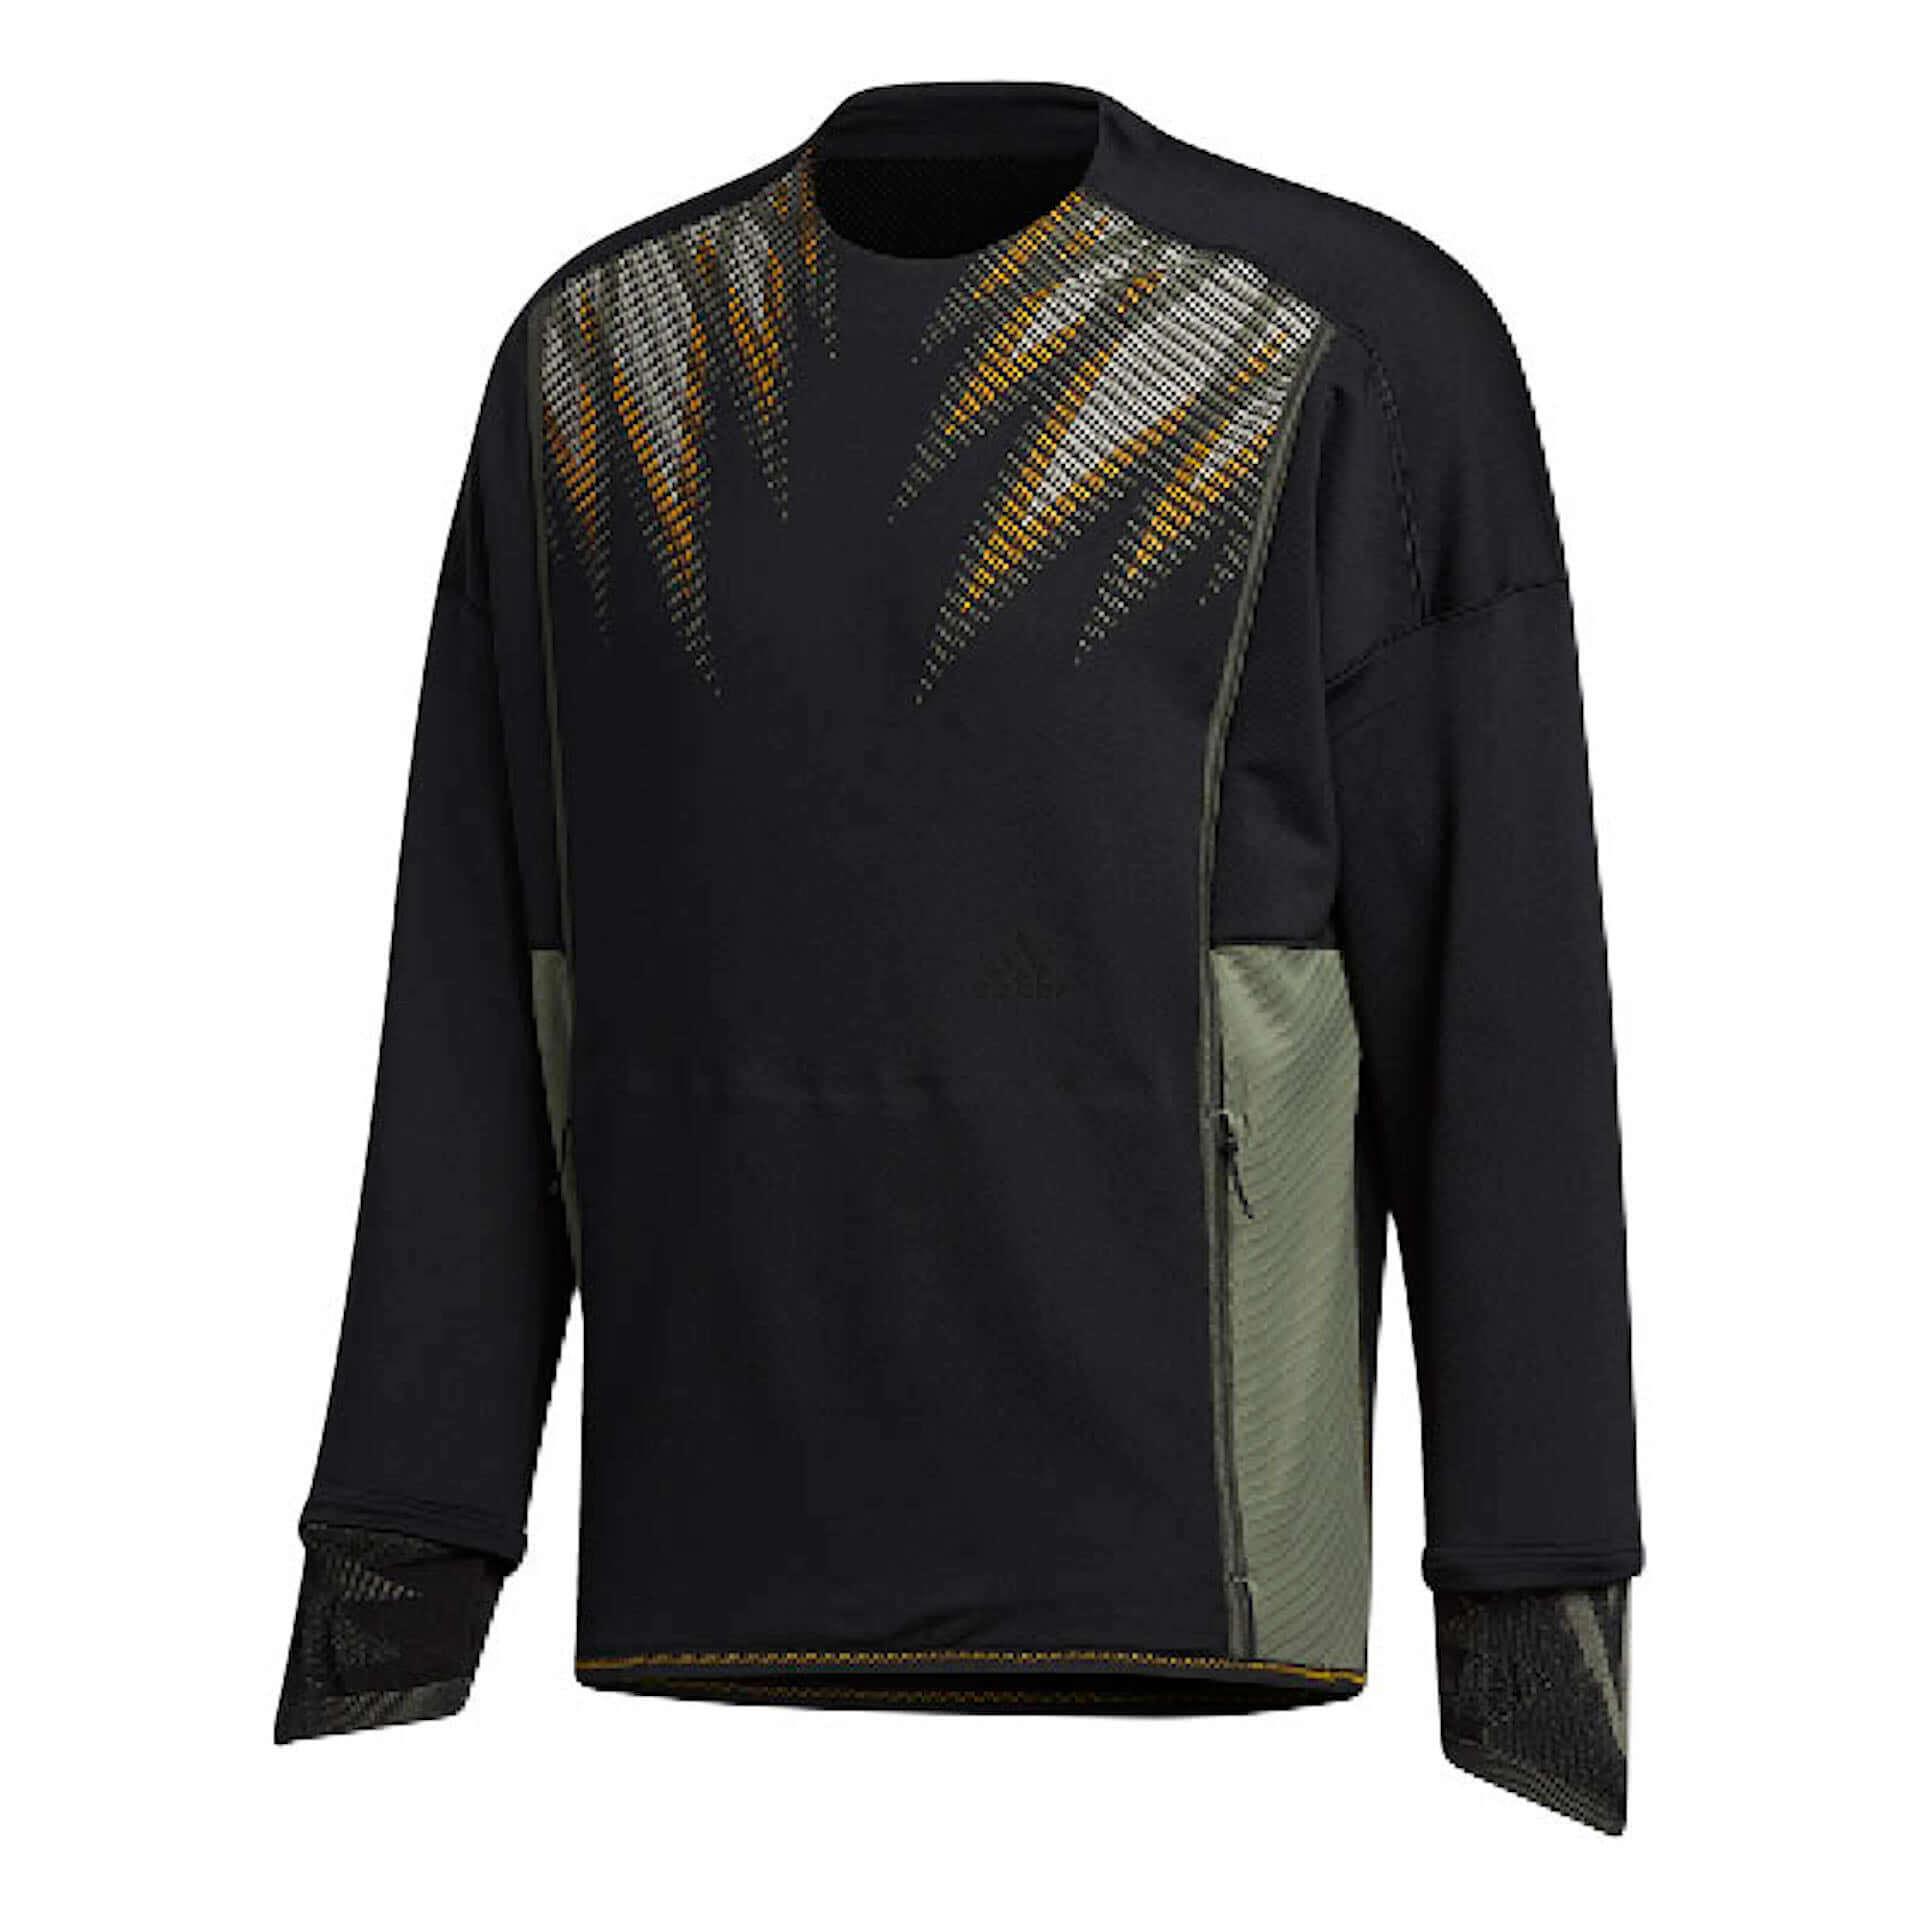 アディダスが2020年秋冬コレクション「adidas COLD. RDY」を発表!暖かさを保つスポーツウェア、シューズなど多数展開 lf201009_adidas_13-1920x1920